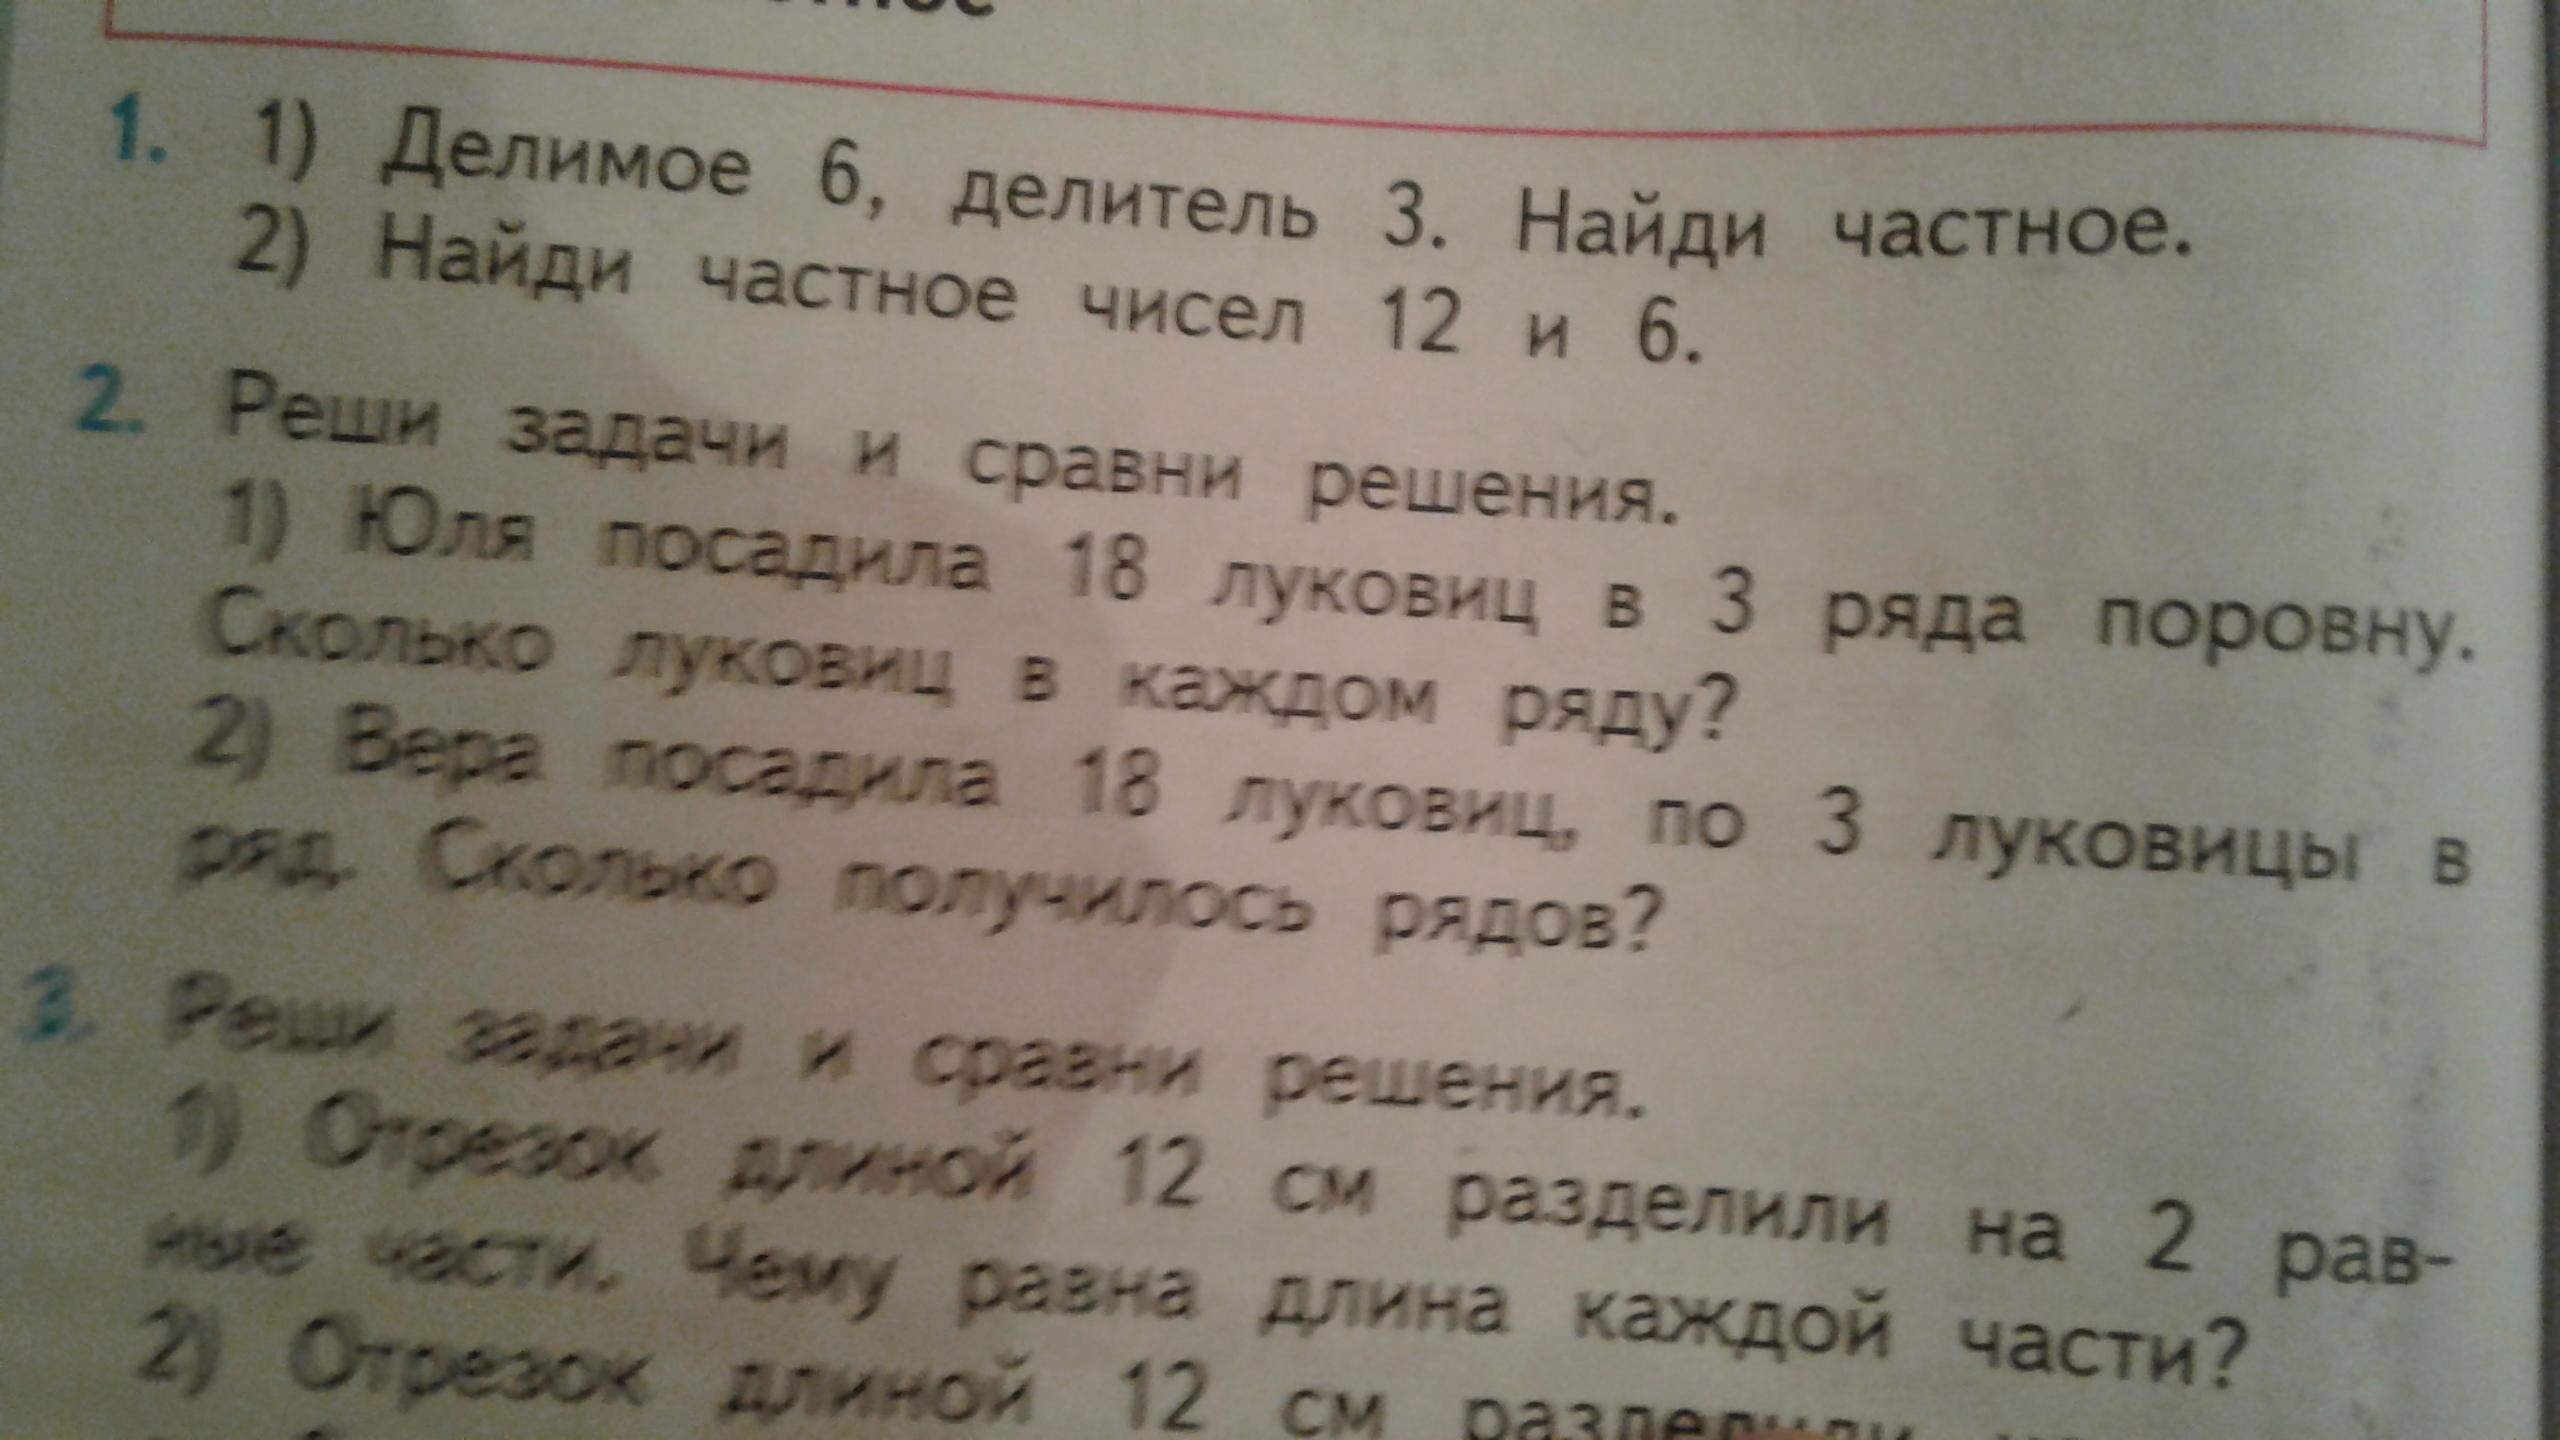 Реши задачи и сравни решения 1) Юля посадила 18 луковиц в 3 ряда поровну. Сколько луковиц в каждом ряду? 2) Вера посадила 18 луковиц, по 3 луковицы в ряд. Сколько получилось рядов? пож главные слова тоже напишите (эти оба сделайте)